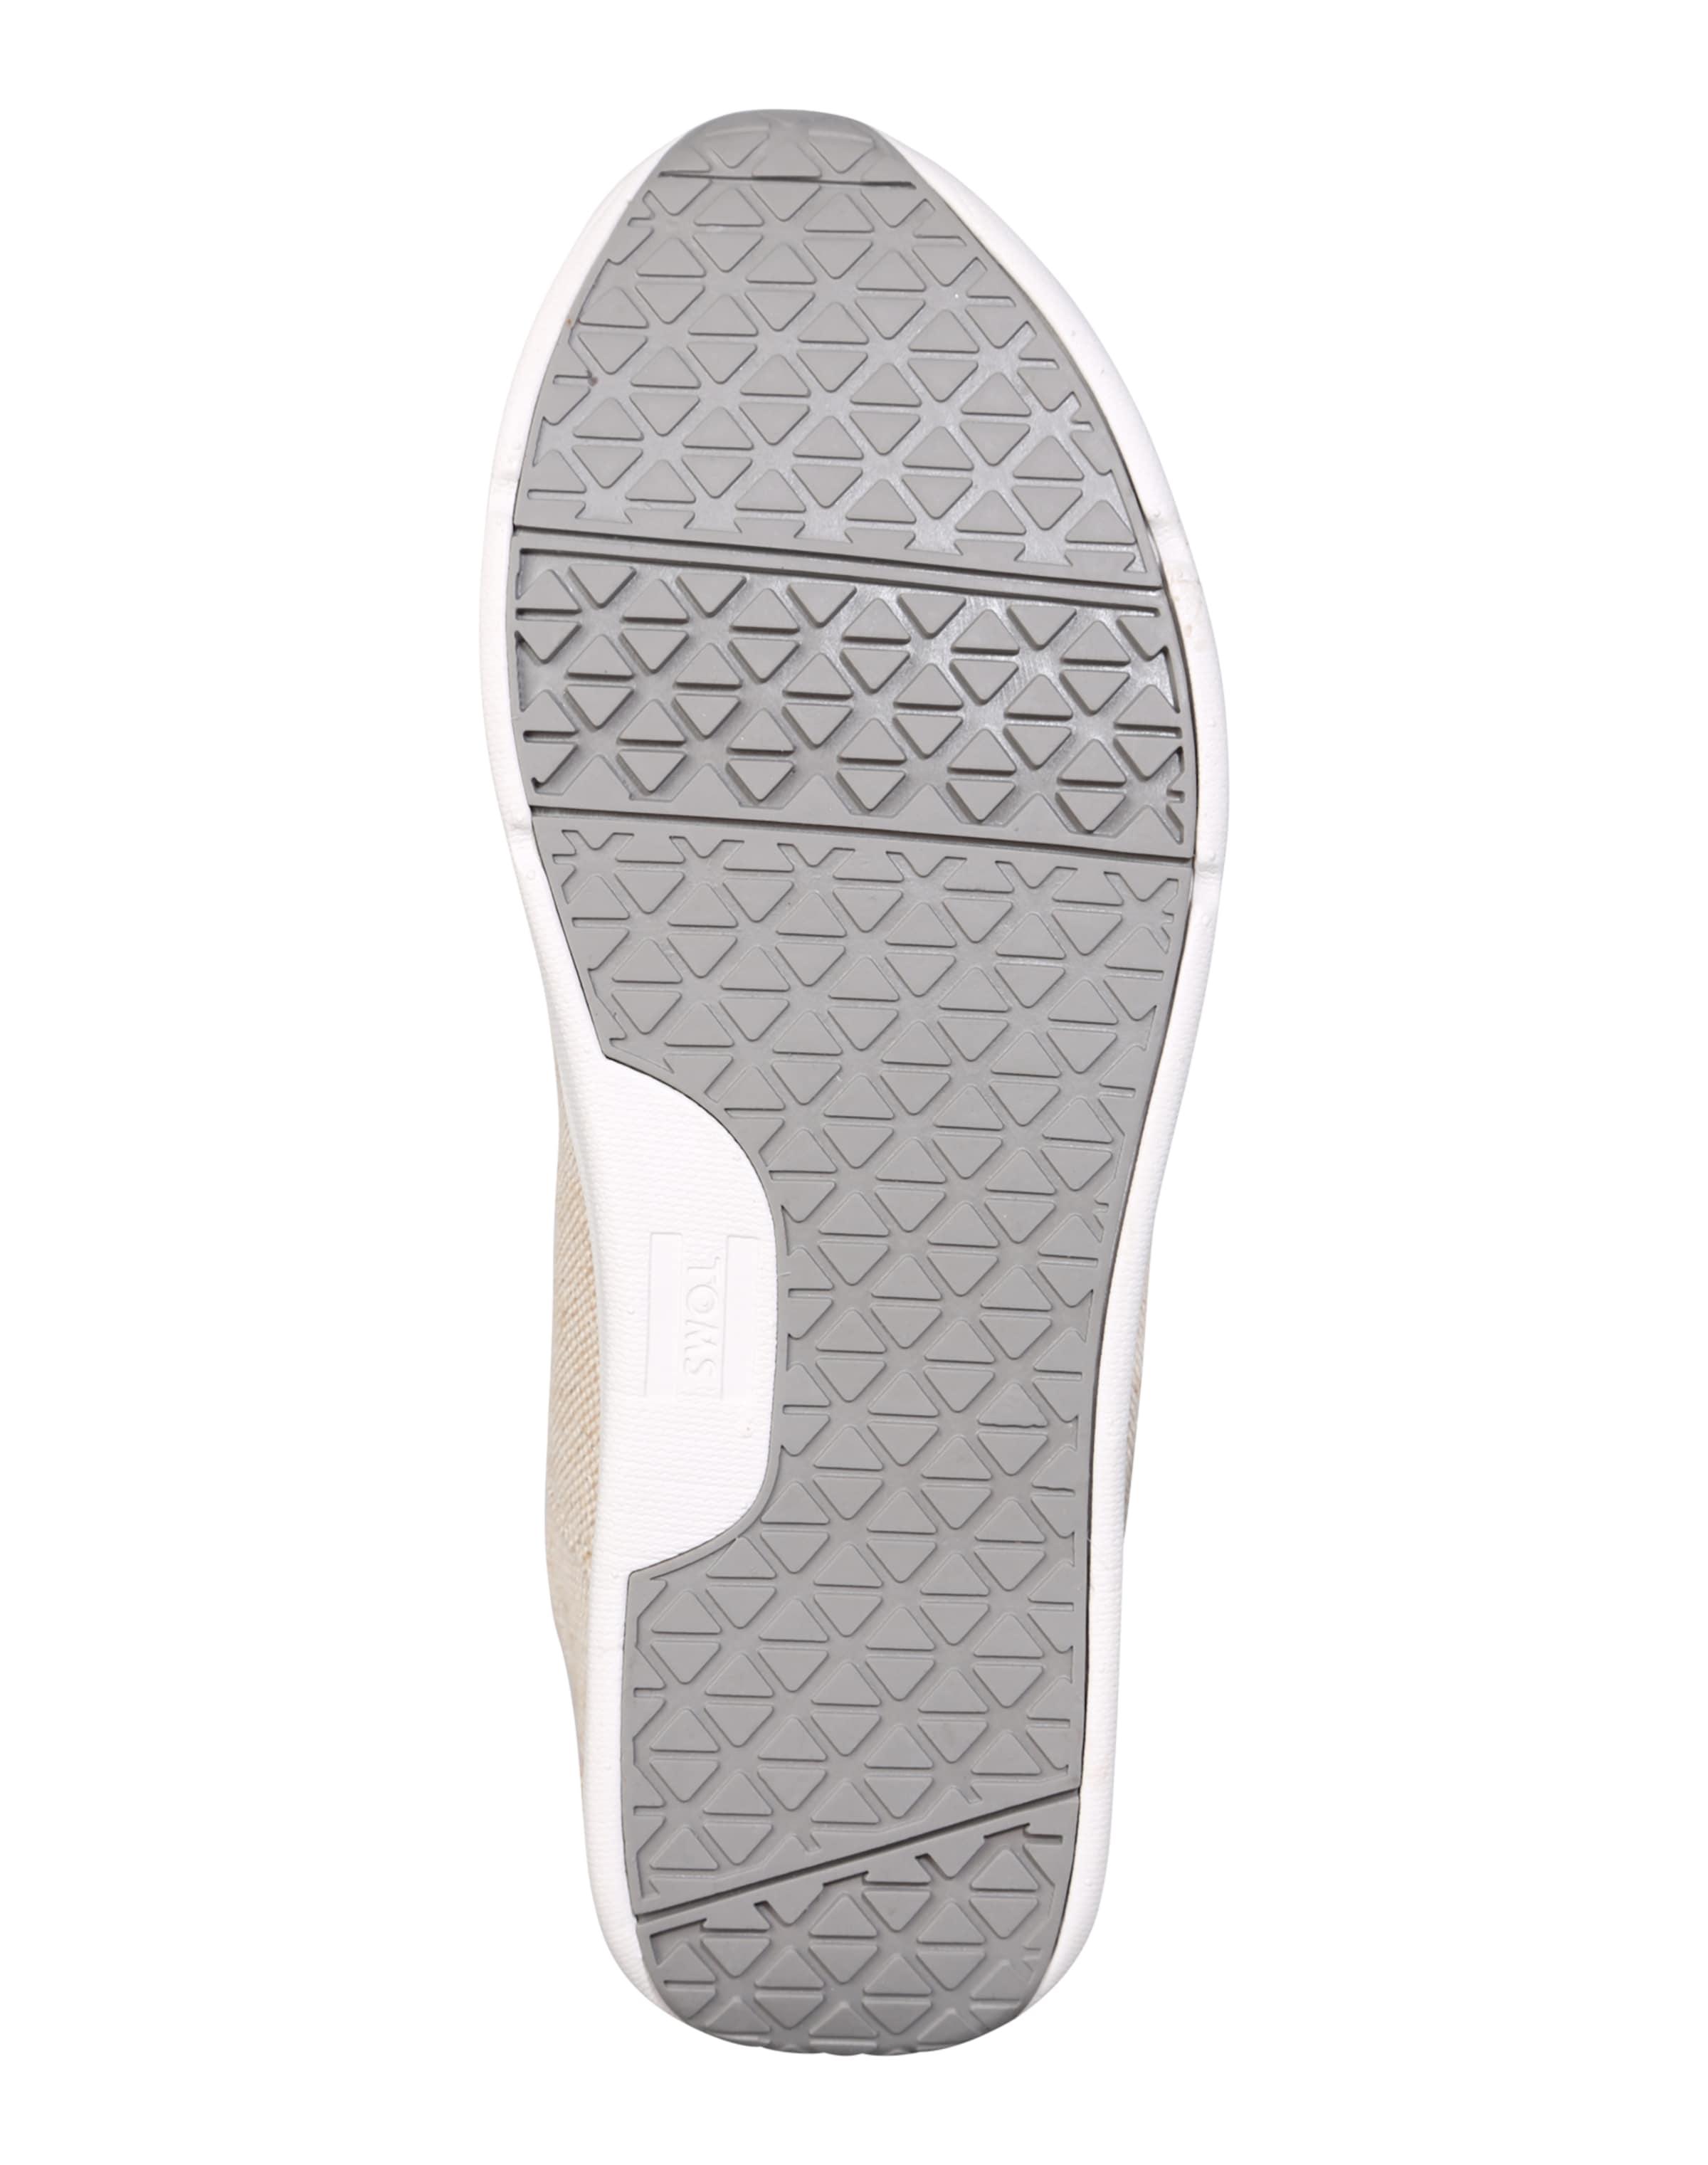 TOMS Sneaker 'Del Rey' Billig Verkauf Kauf Rabatt Kaufen Breite Palette Von Online Freies Verschiffen Großer Verkauf Bestpreis hUPzf